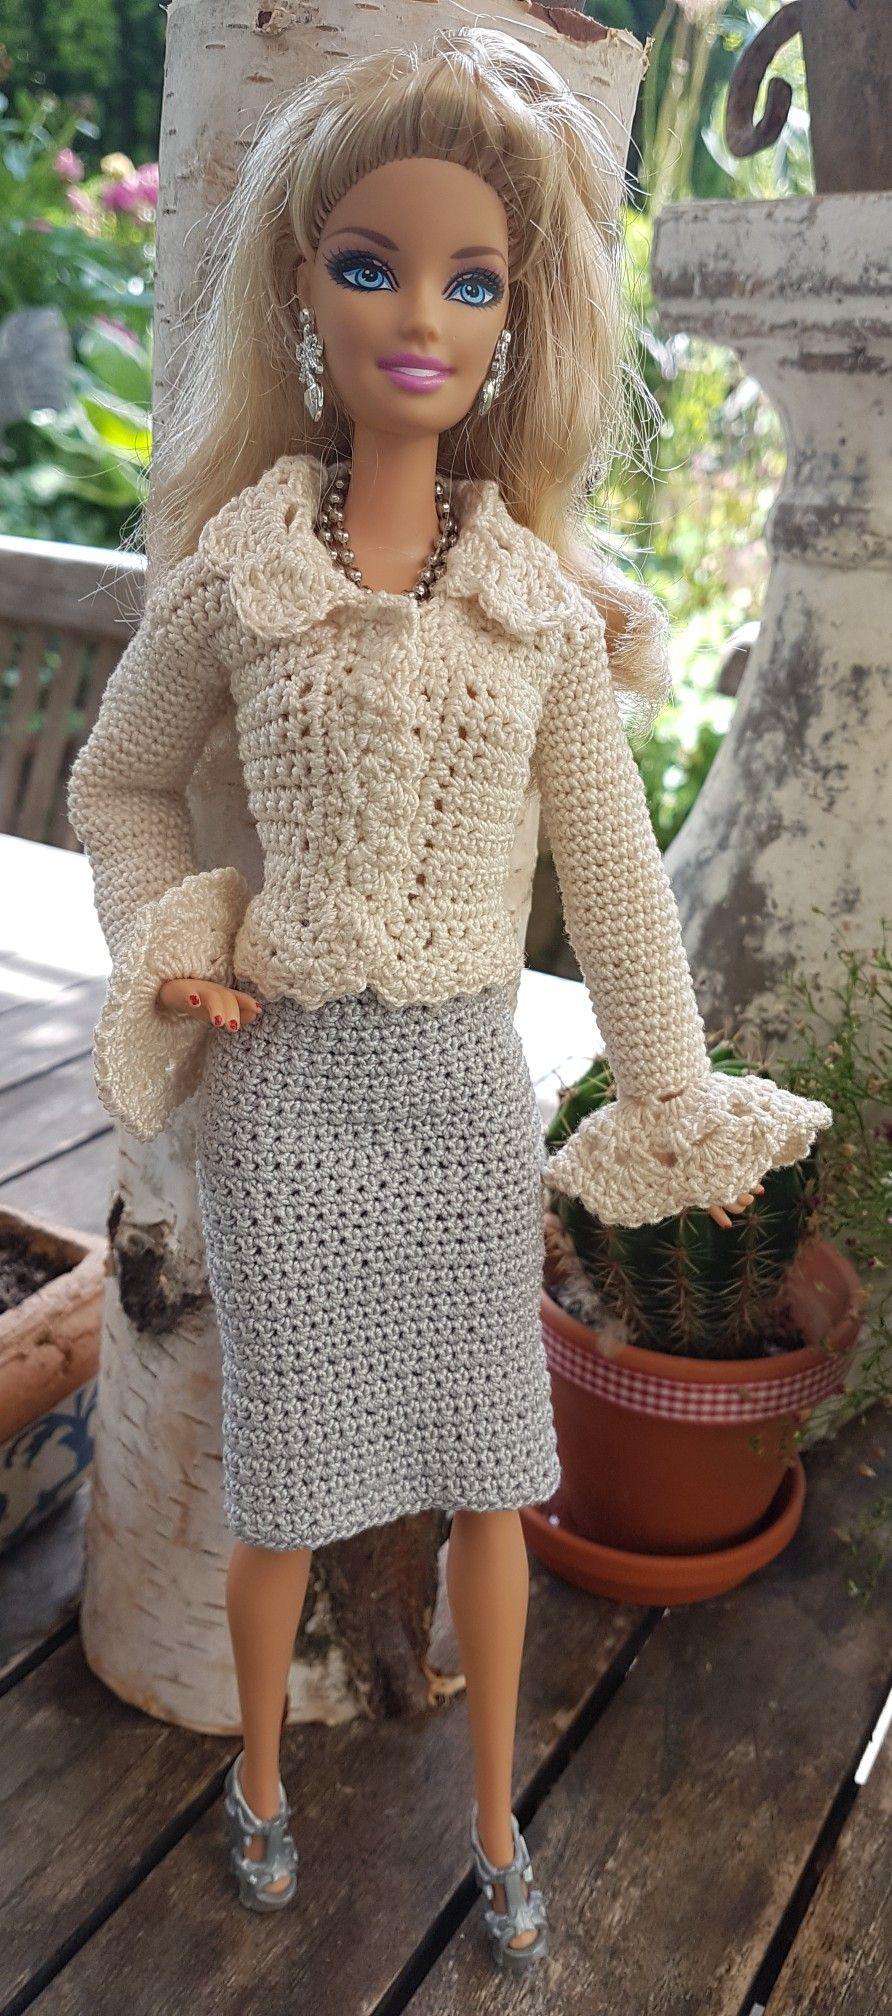 Pin de Maria Del Rosario Beninati en Ropa muñecas | Pinterest ...